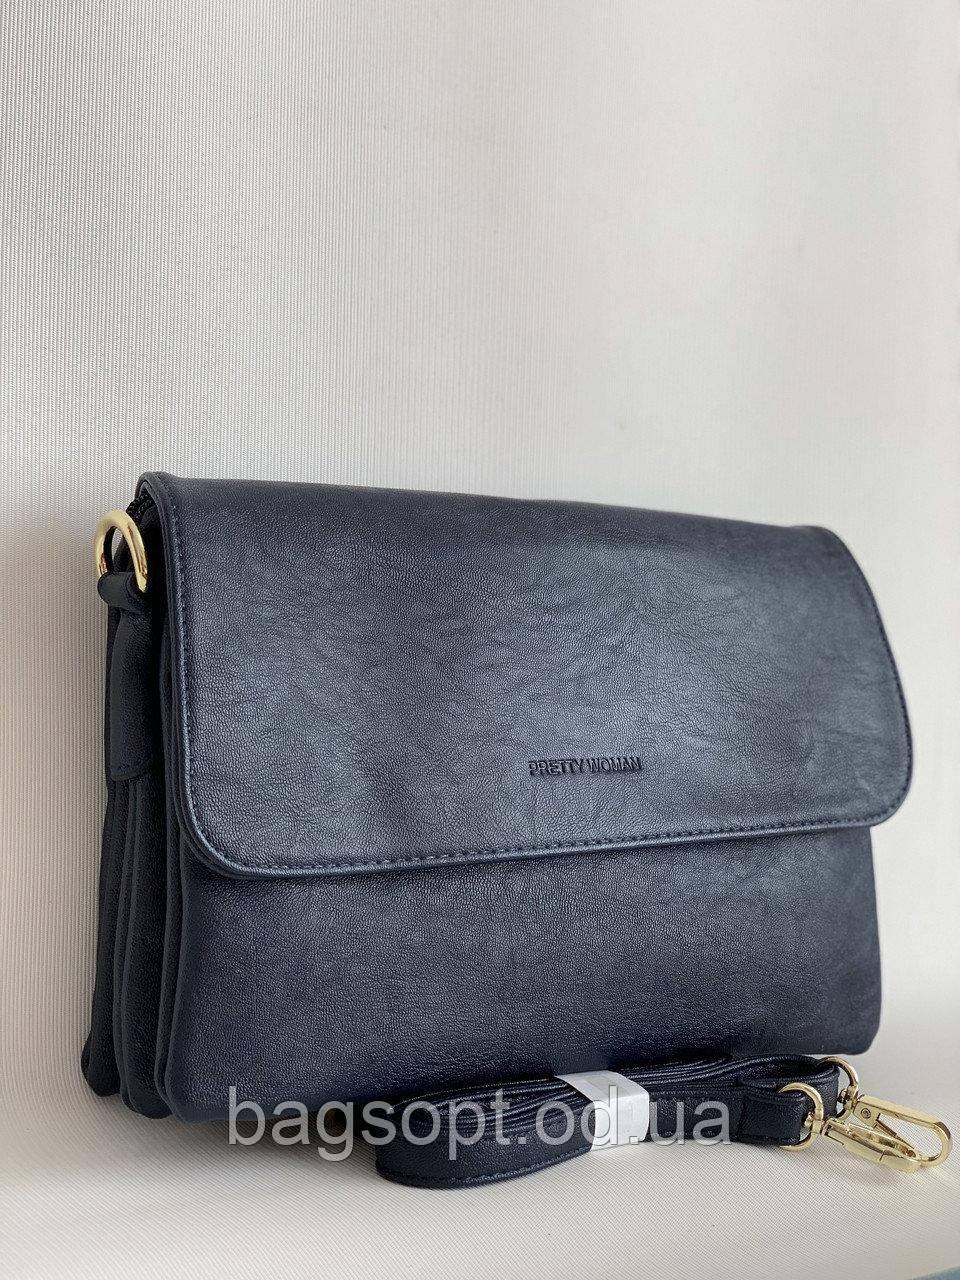 Женская сумочка клатч через плечо темно-синий цвет Pretty Woman Одесса 7 км